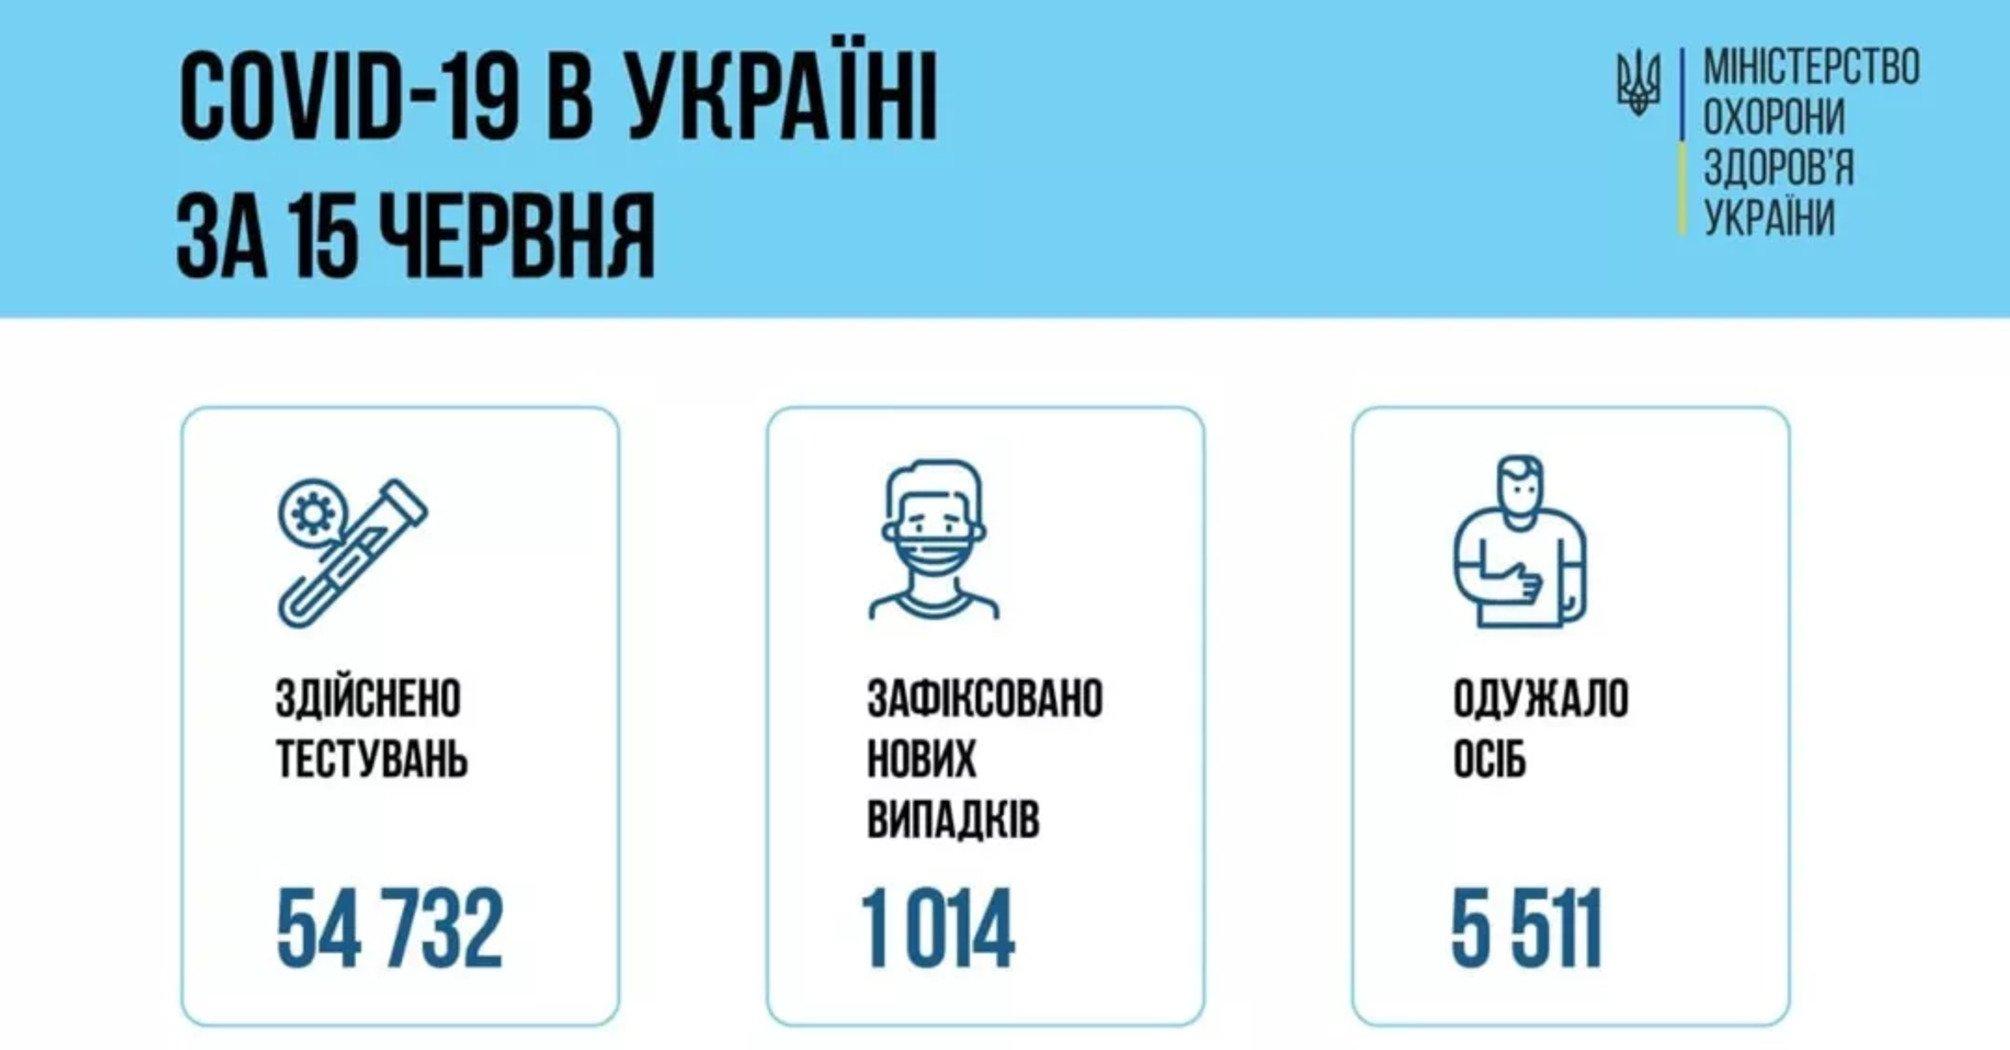 Заболевших все меньше, а выздоровевших – больше. В Украине улучшилась ситуация с COVID-19